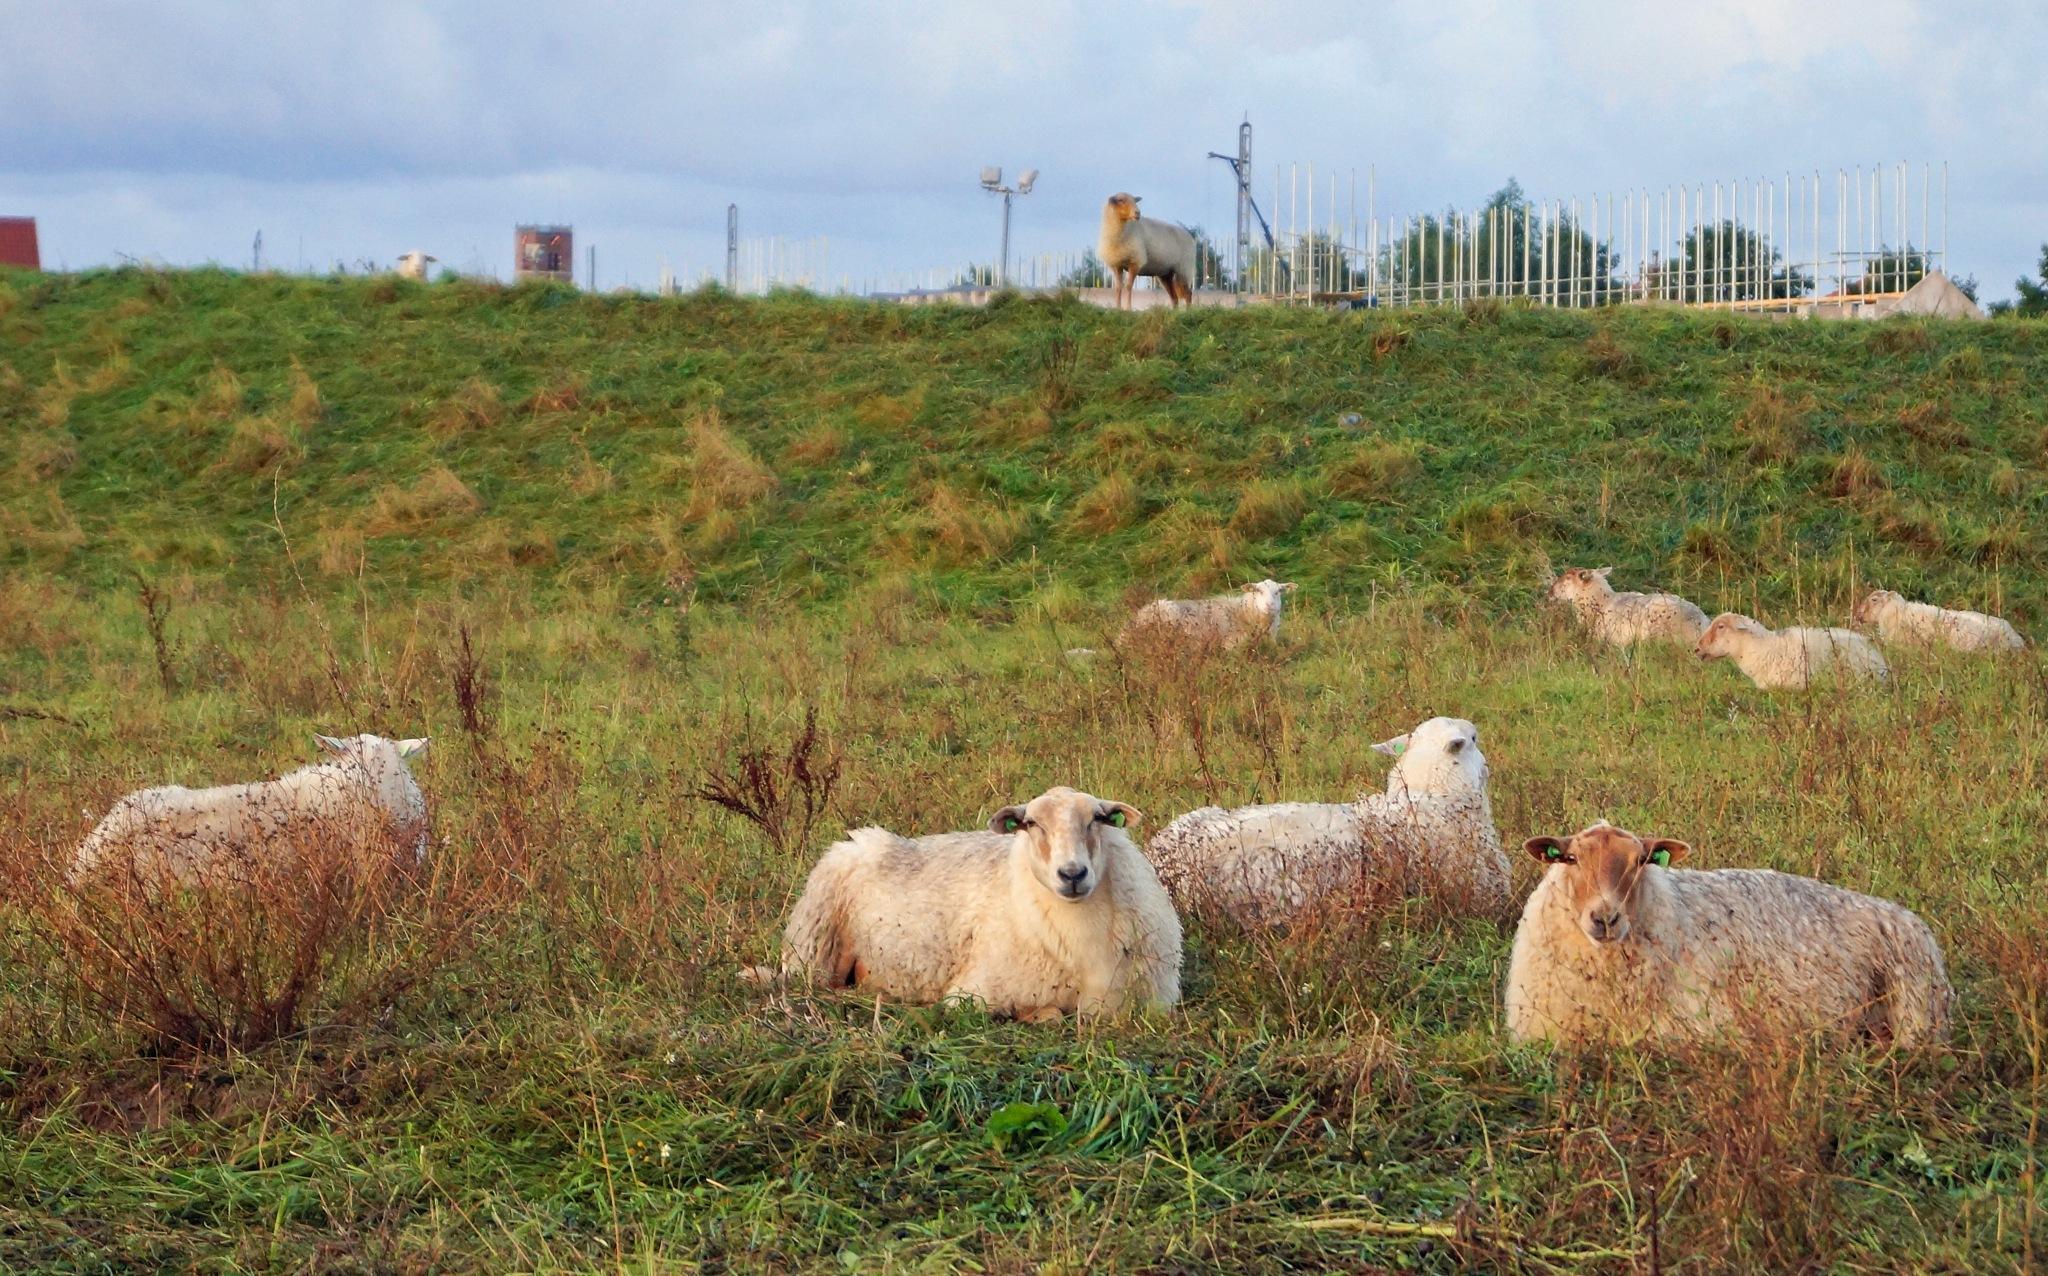 Morning Sheep by Marian Baay